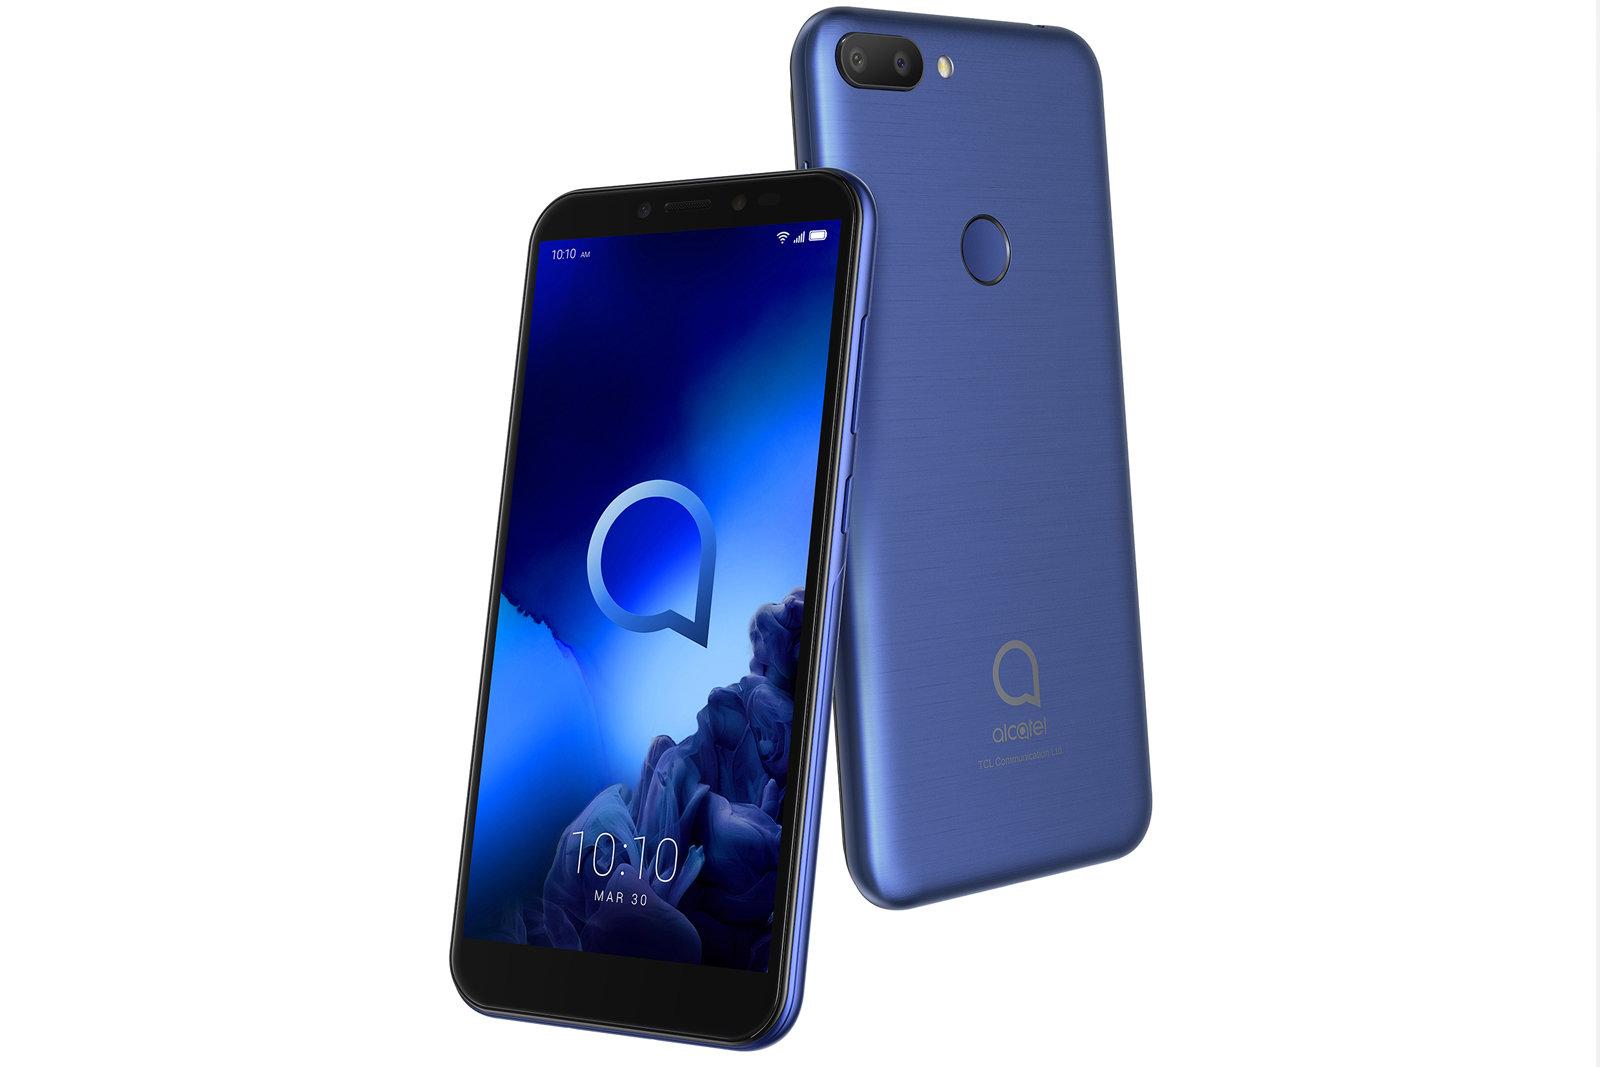 alcatel 3 3l 1s smartphones1 - آلکاتل از محصولات جدید خود در نمایشگاه MWC 2019 رونمایی کرد